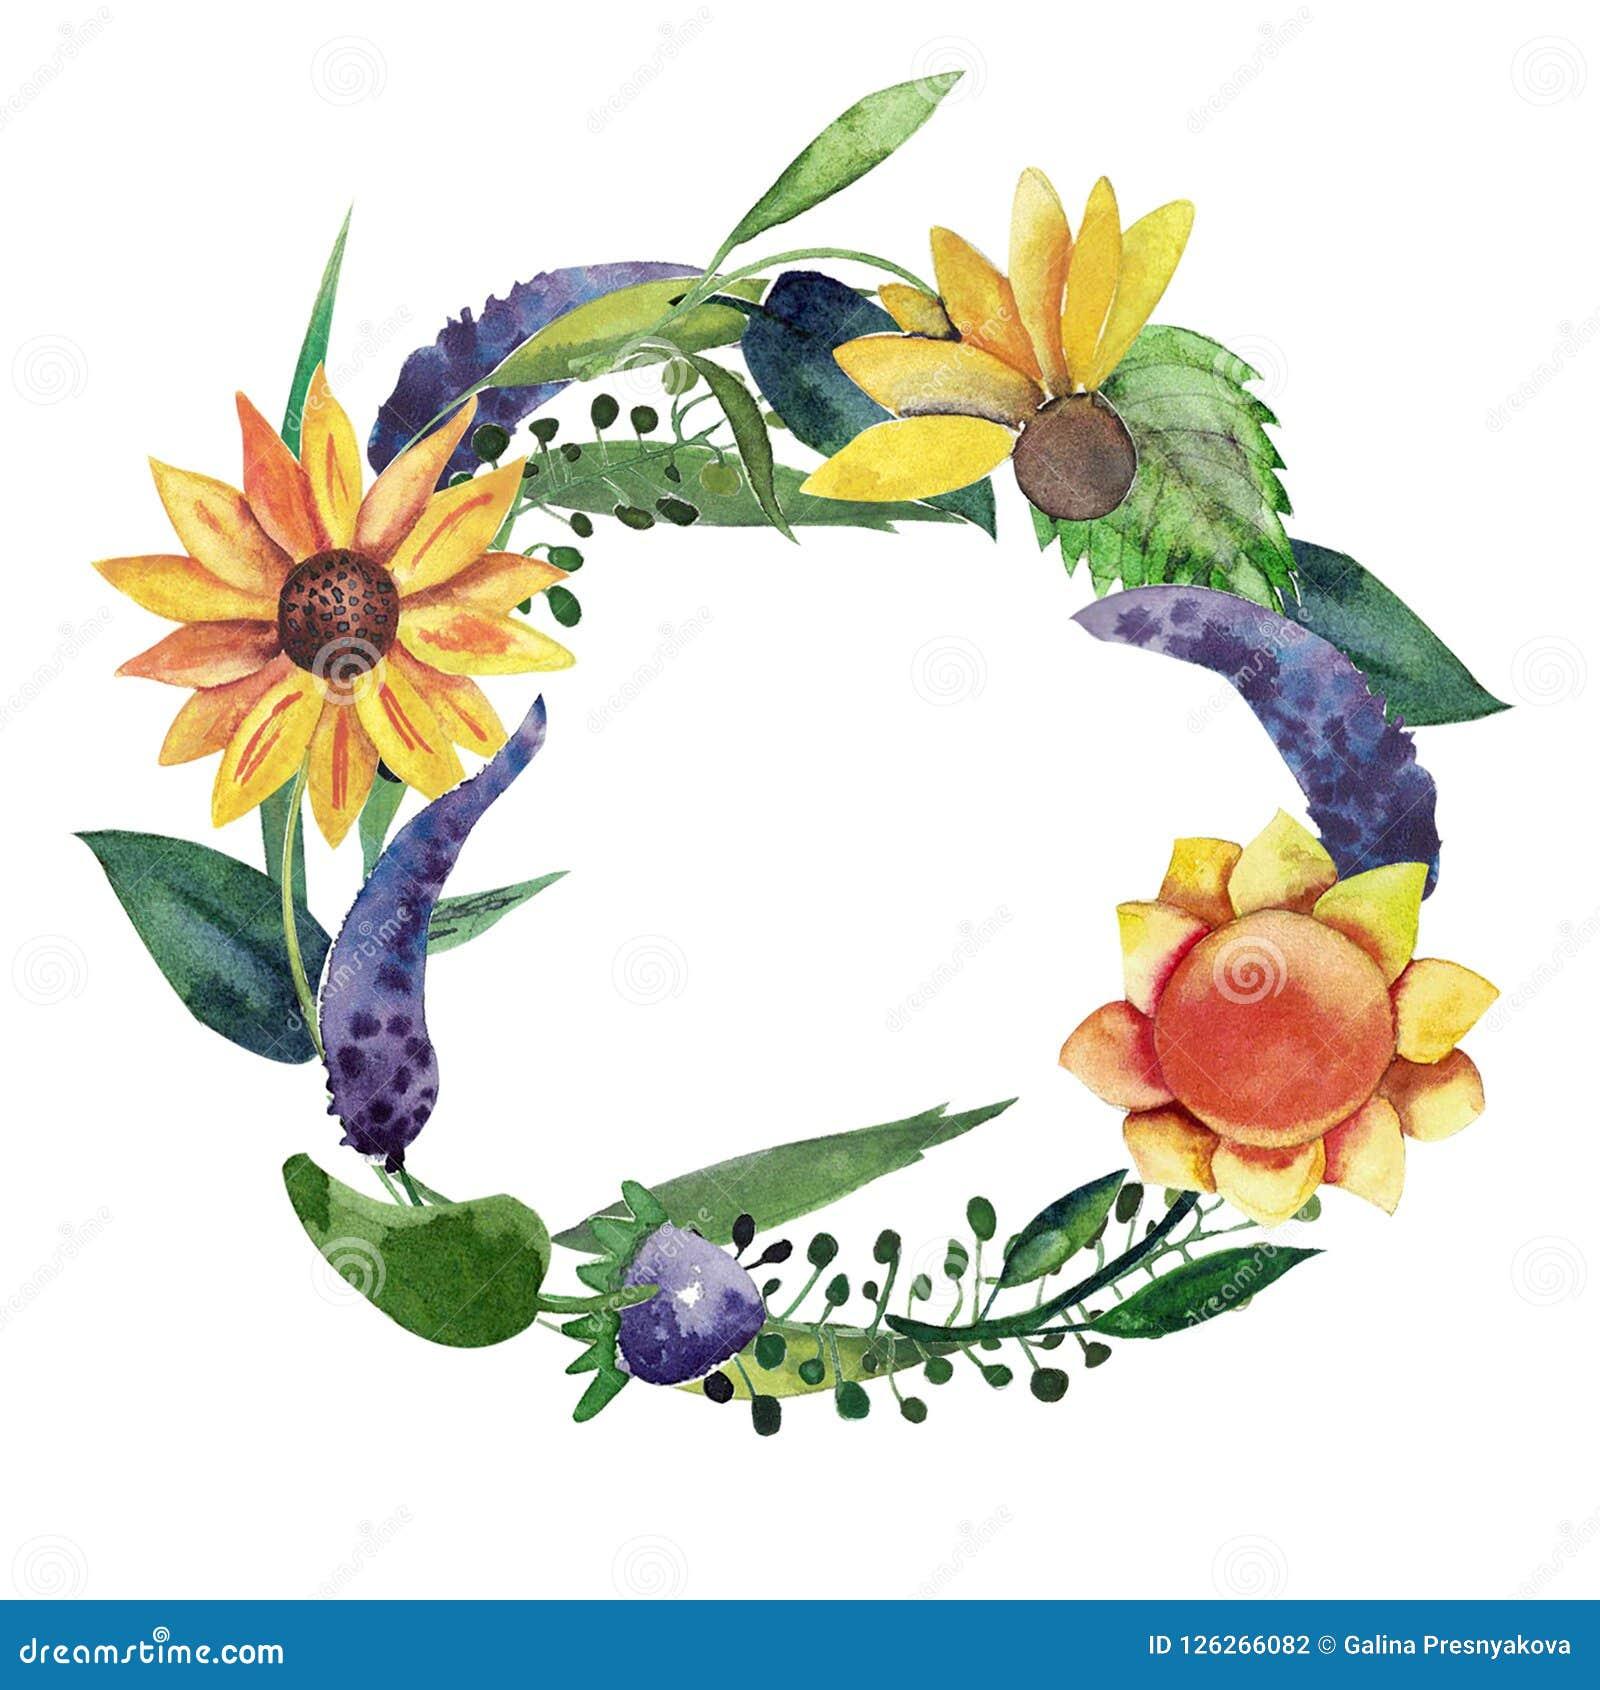 Απομονωμένο Watercolor στεφάνι με τους ηλίανθους, τα ιώδη λουλούδια, τα φύλλα και τα χορτάρια